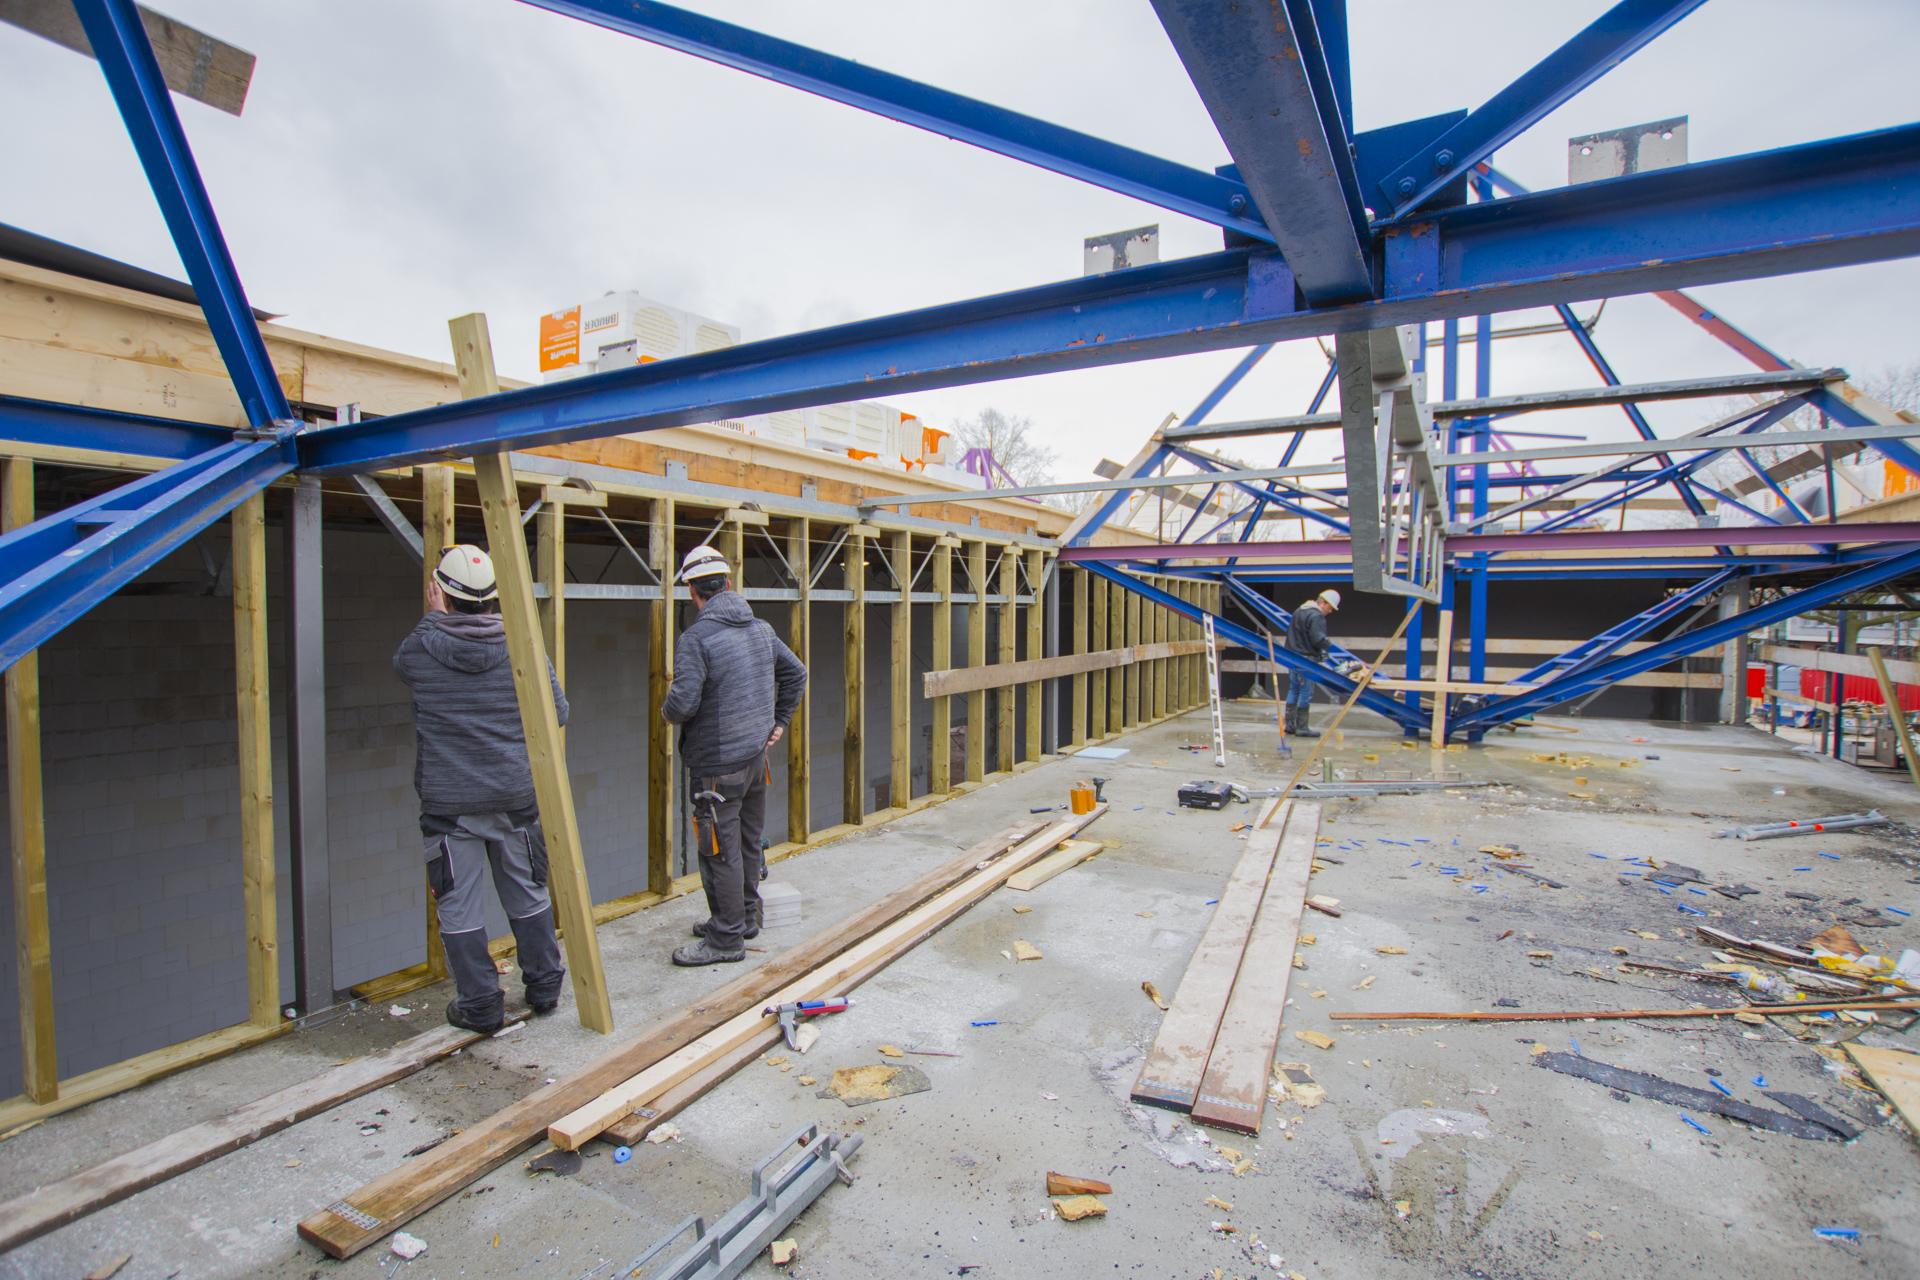 Verbouwing van het Karregat. Nieuwbouw week 8.